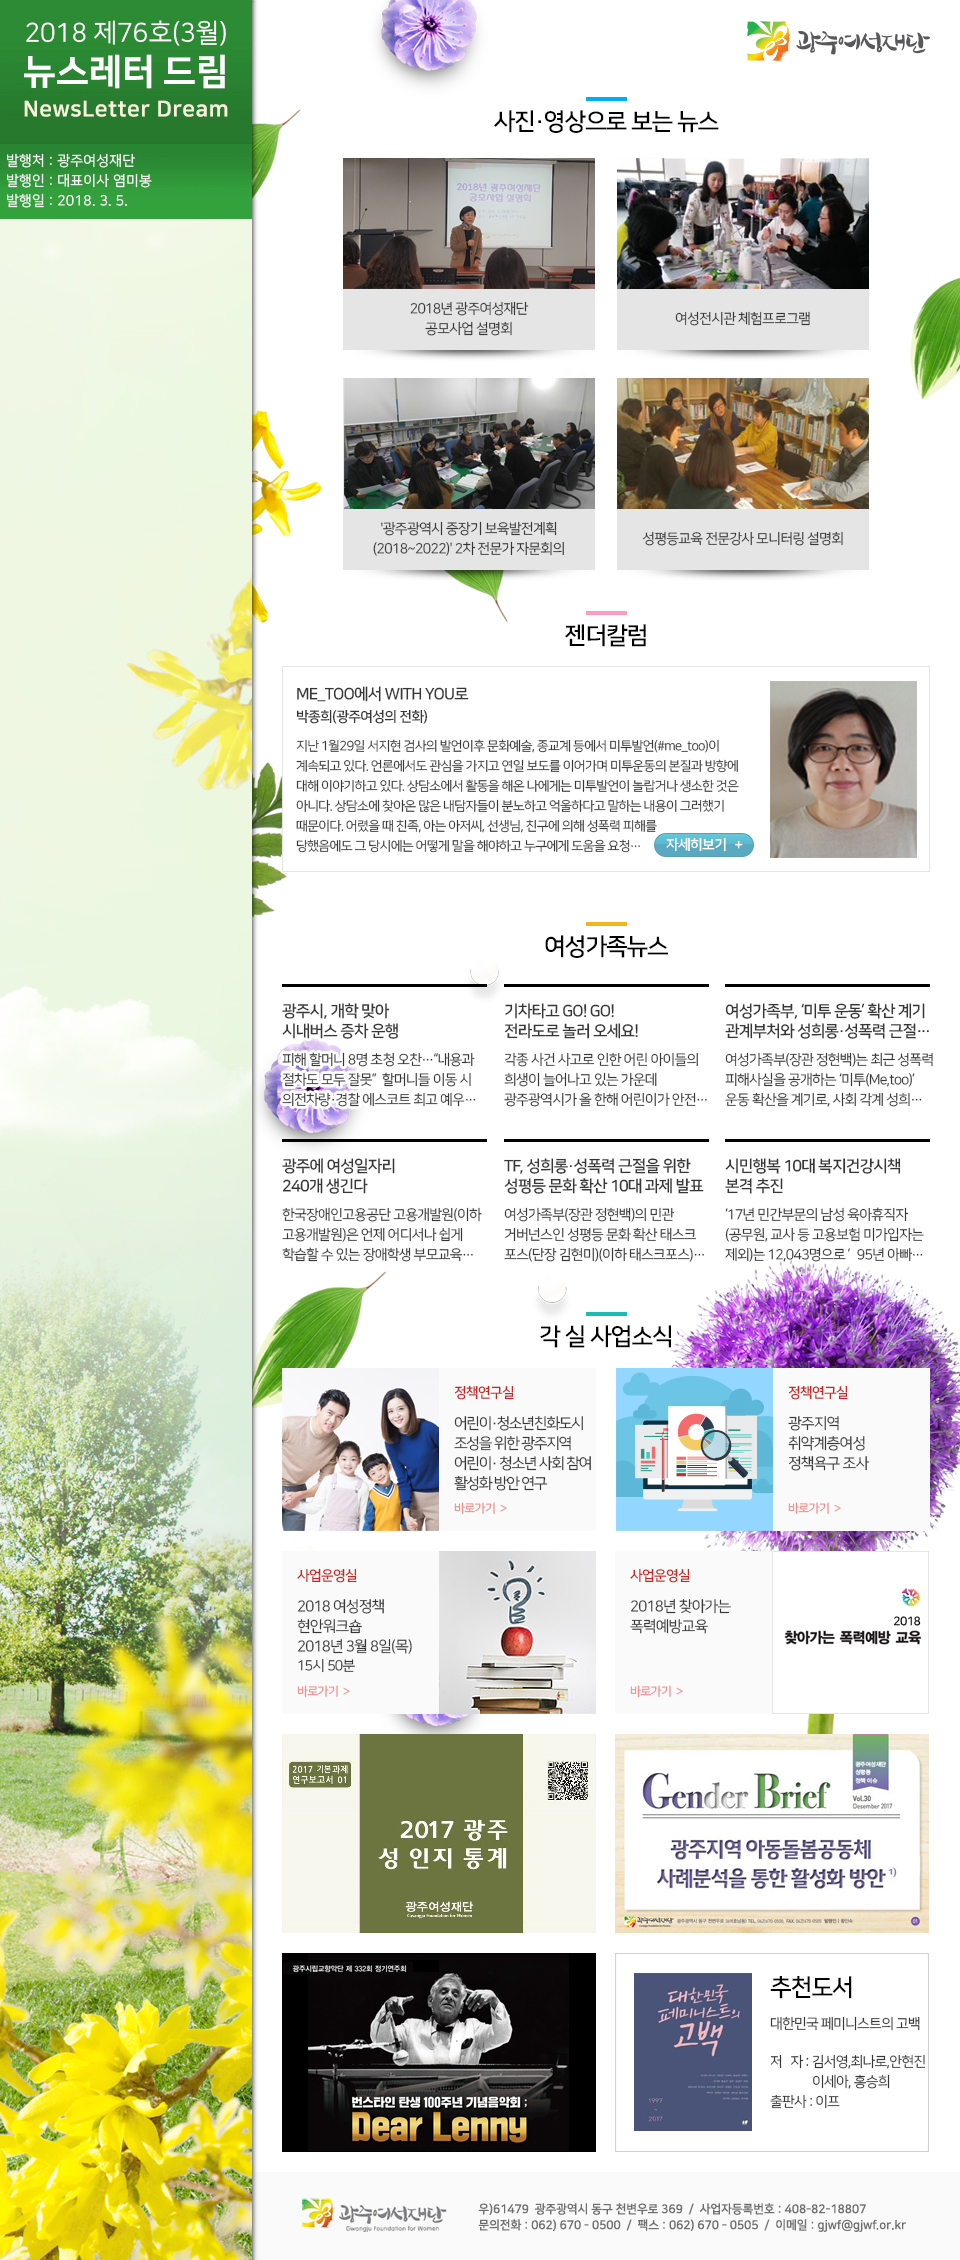 뉴스레터 드림 76호(18.03월) 썸네일